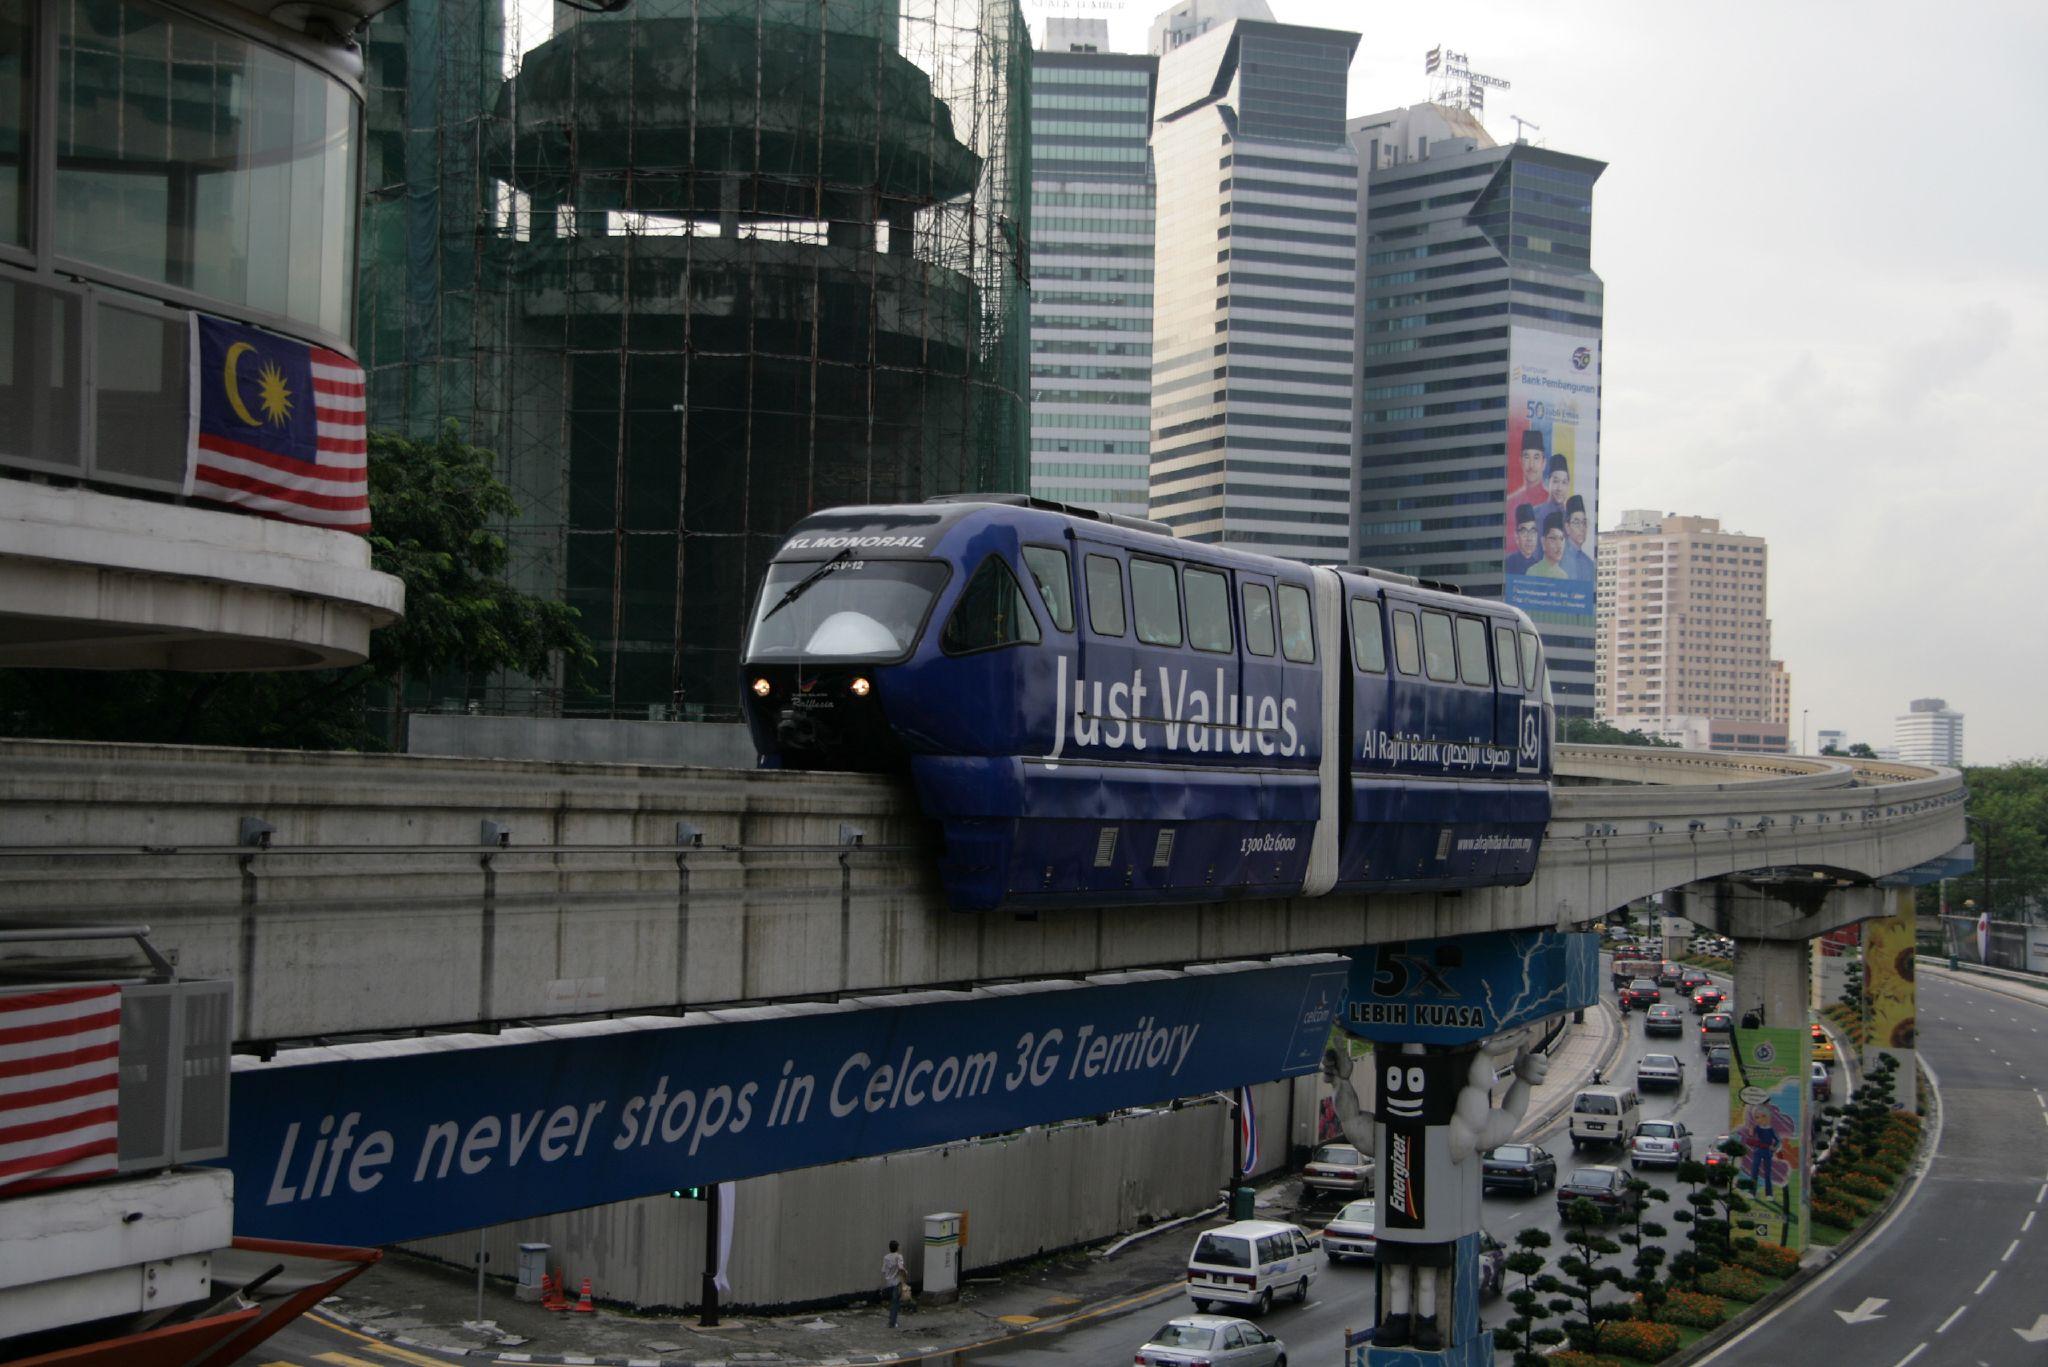 Kuala_Lumpur_Monorail_01